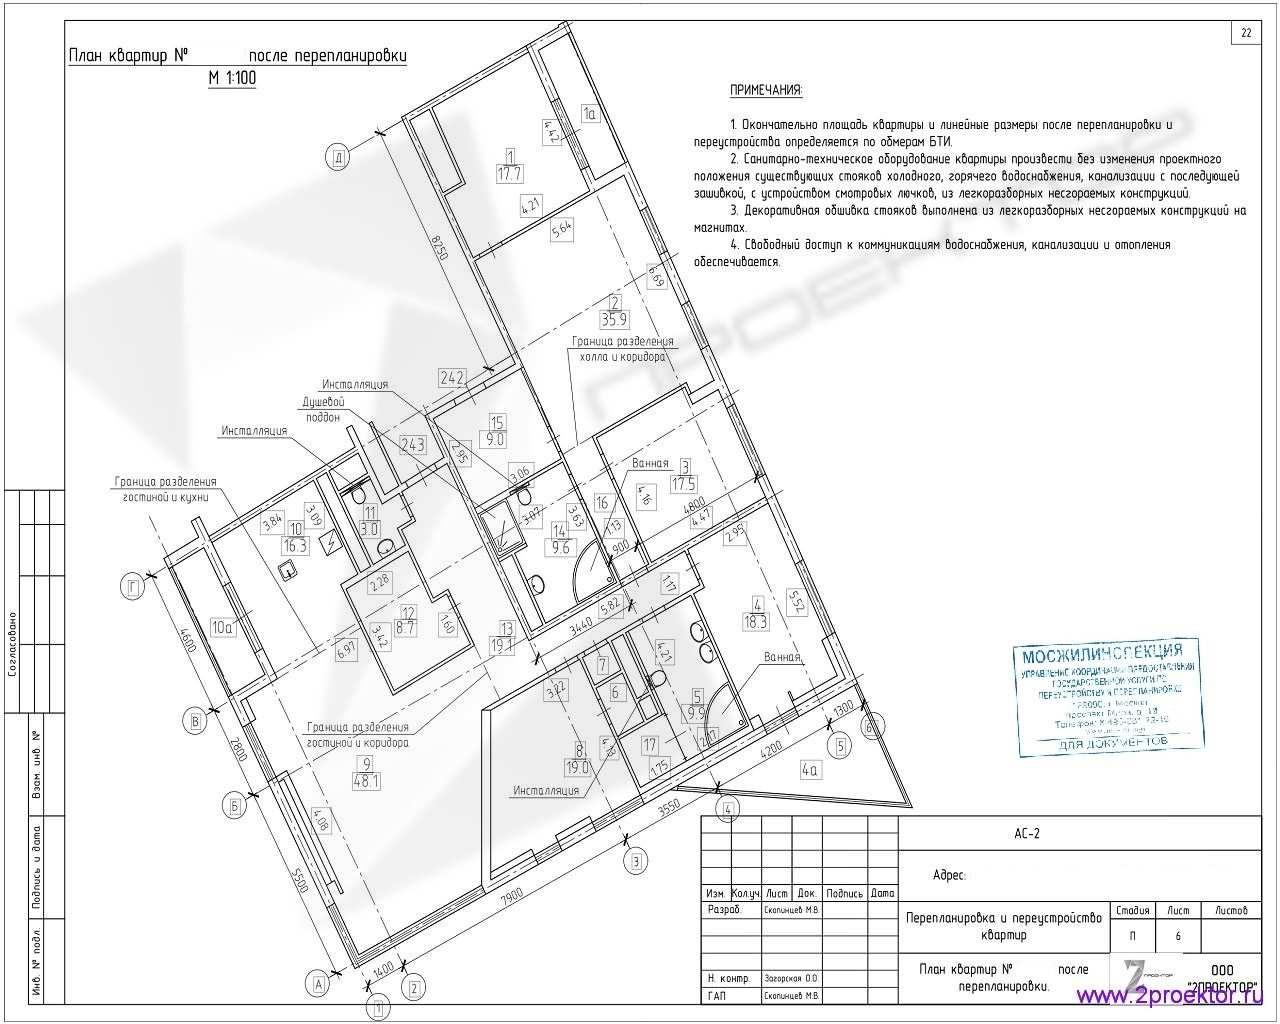 Вариант планировки квартиры в Жилом комплексе Дыхание, разработанный специалистами ООО «2Проектор» и согласованный Мосжилинспекцией.